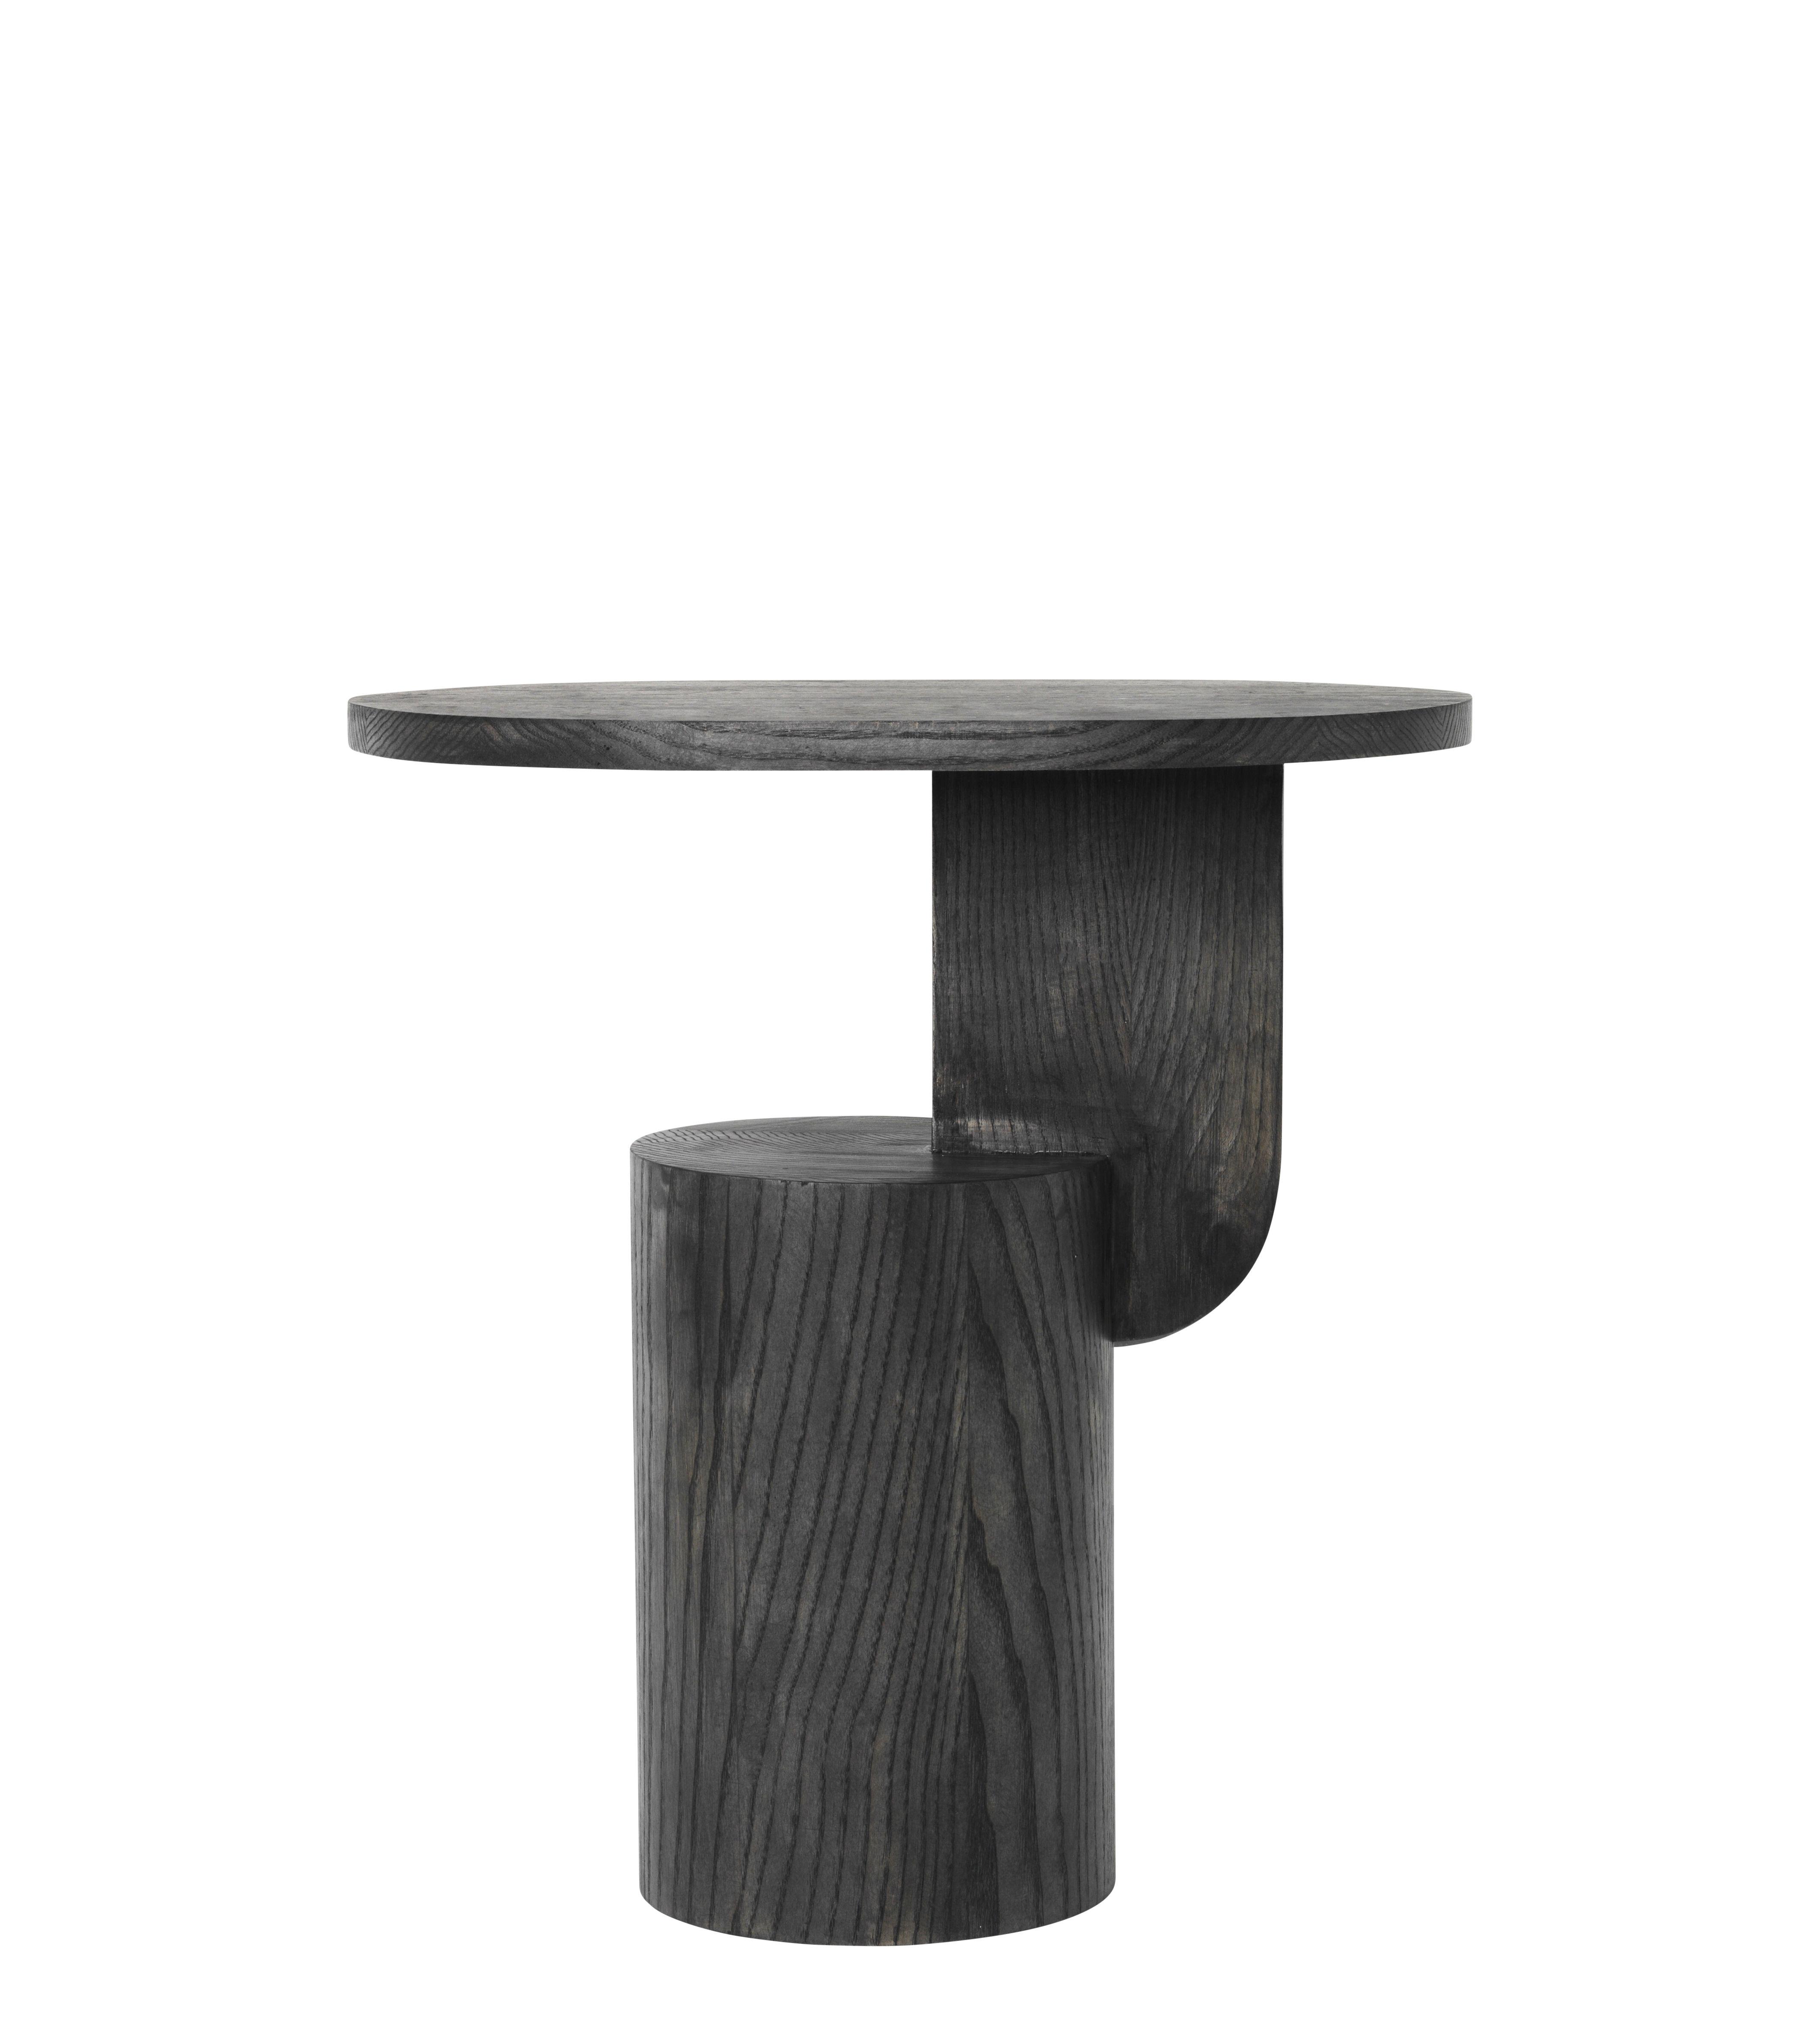 Mobilier - Tables basses - Table d'appoint Insert / H 50 cm - Bois - Ferm Living - Noir - Frêne massif teinté